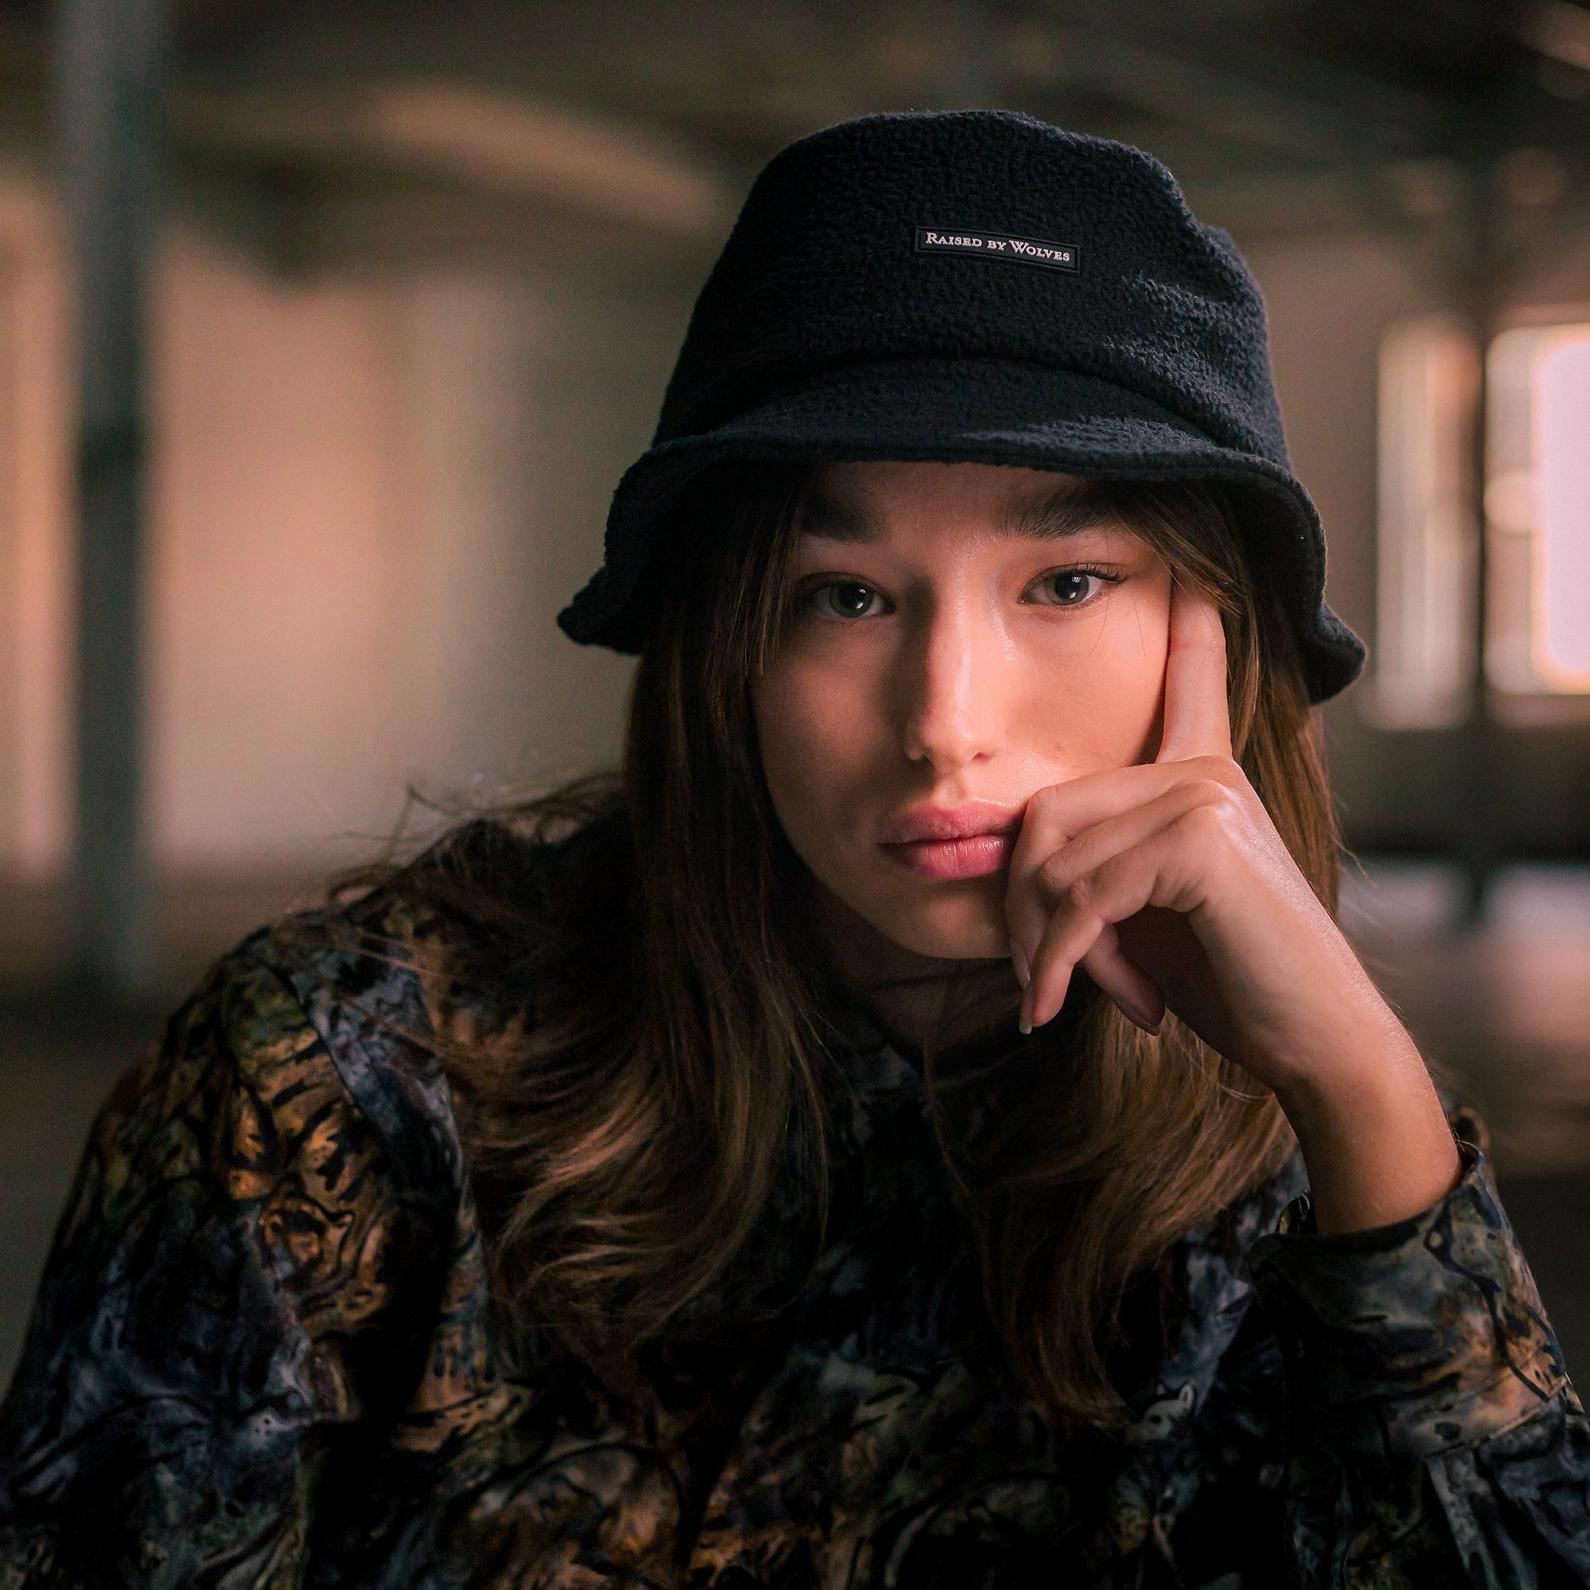 【RAISED BY WOLVES/レイズドバイウルブス】POLARTEC BUCKET HAT バケットハット / BLACK